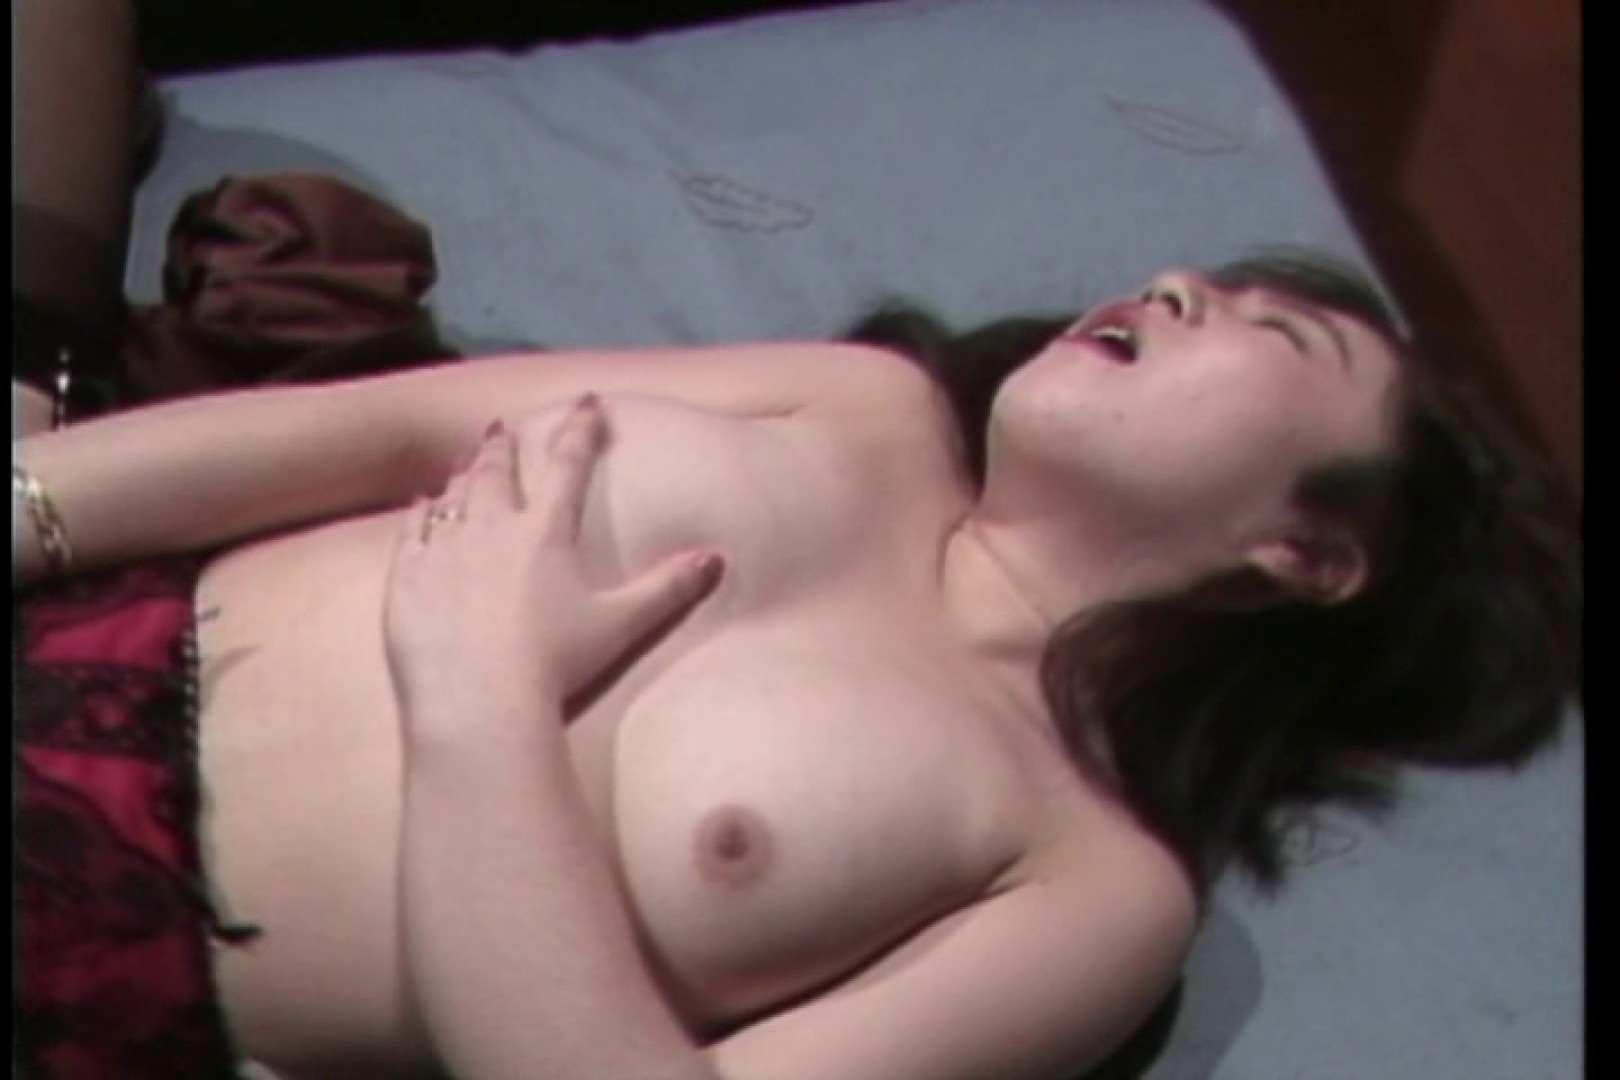 変態亜美のアブノーマルな世界・前編~夢野亜美~ オナニー特集   巨乳デカ乳  112画像 84